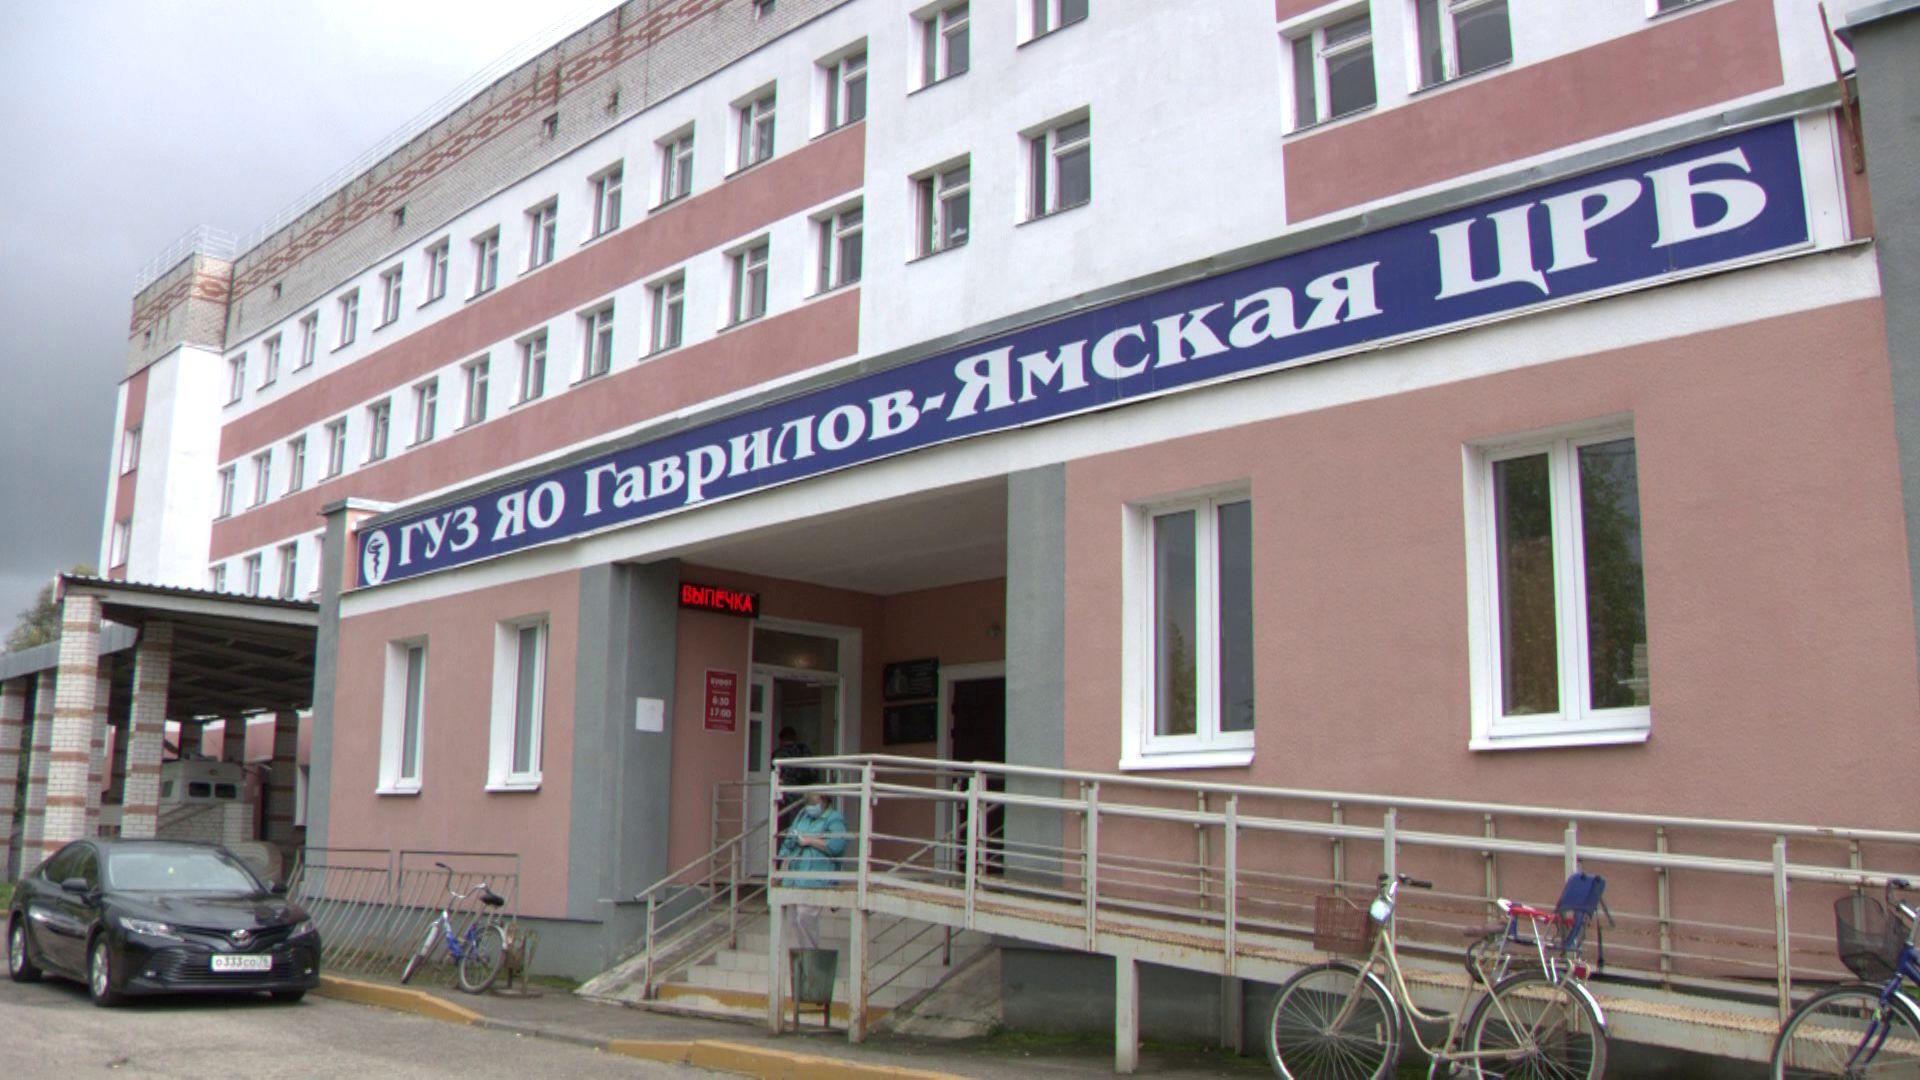 В Гаврилов-Яме можно пройти диспансеризацию в одном кабинете